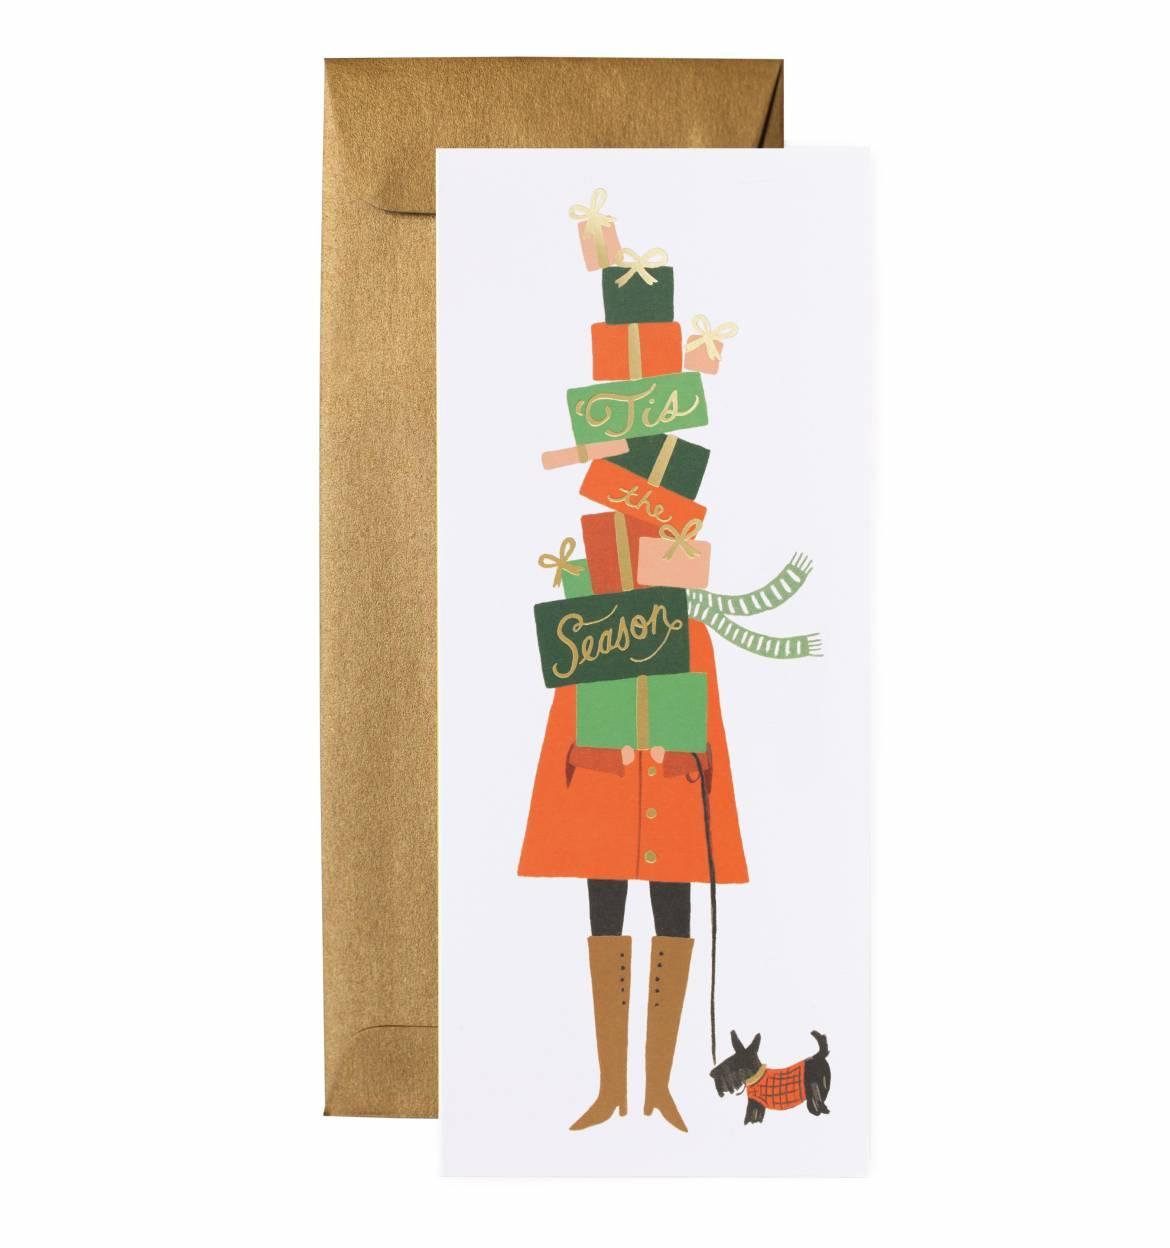 Rifle Paper Co. Vánoční přání s obálkou Seasons of Giving, červená barva, zelená barva, multi barva, papír